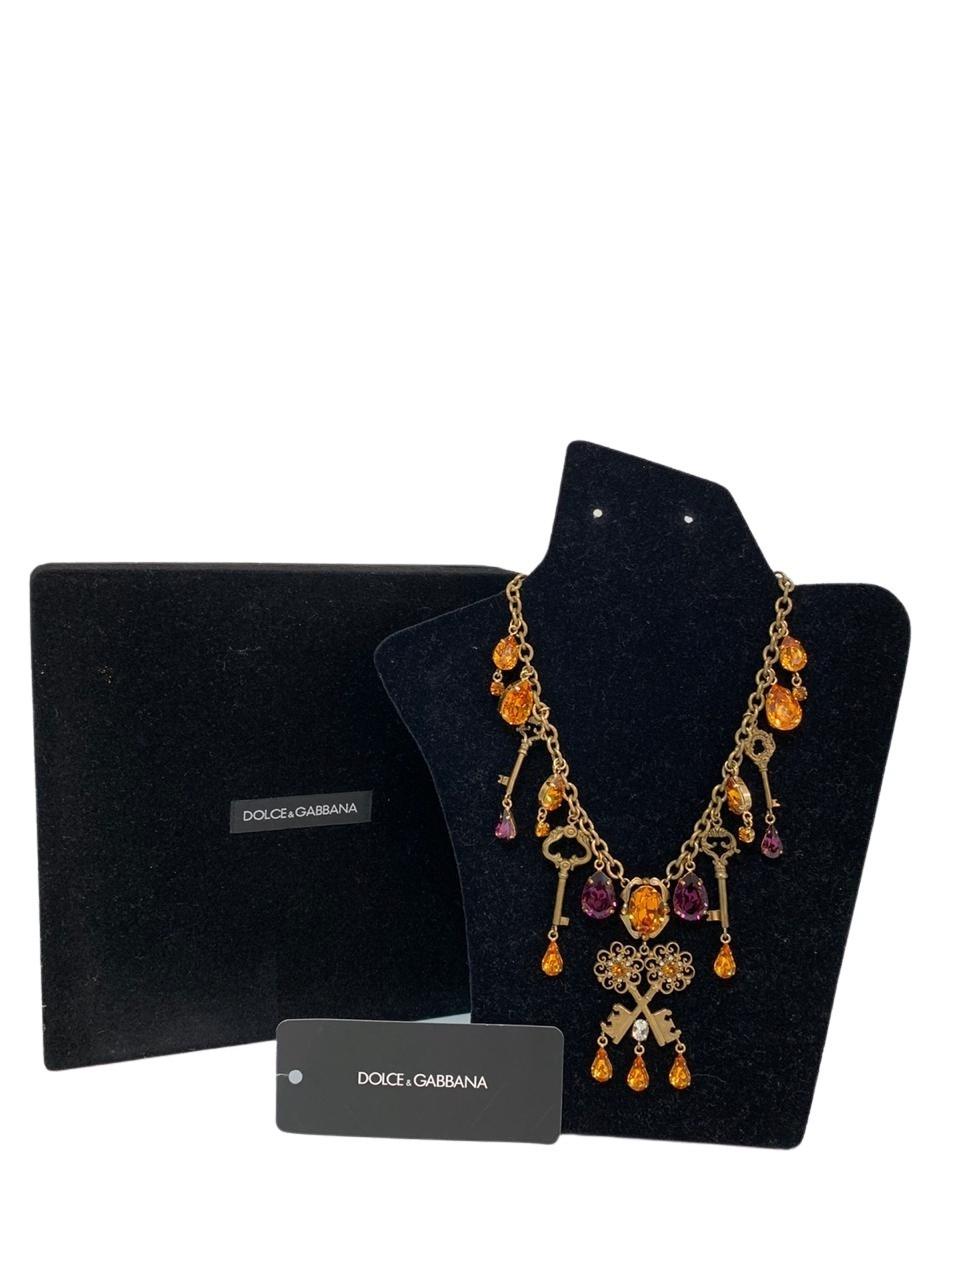 Colar Dolce & Gabbana Chaves